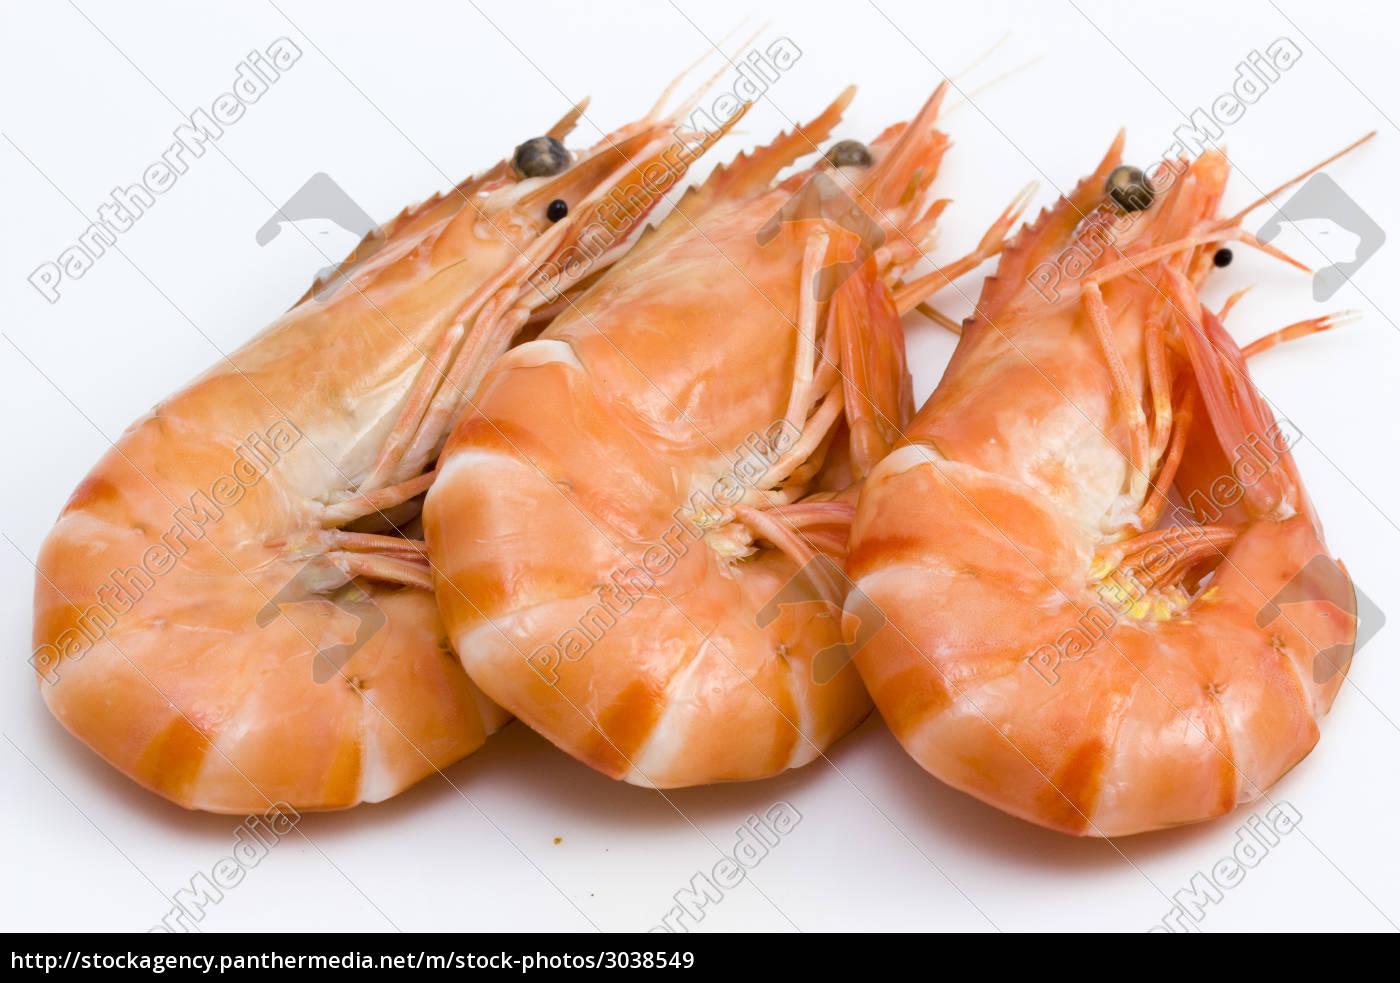 seafood, shrimps, crustacean, lemon, citron - 3038549